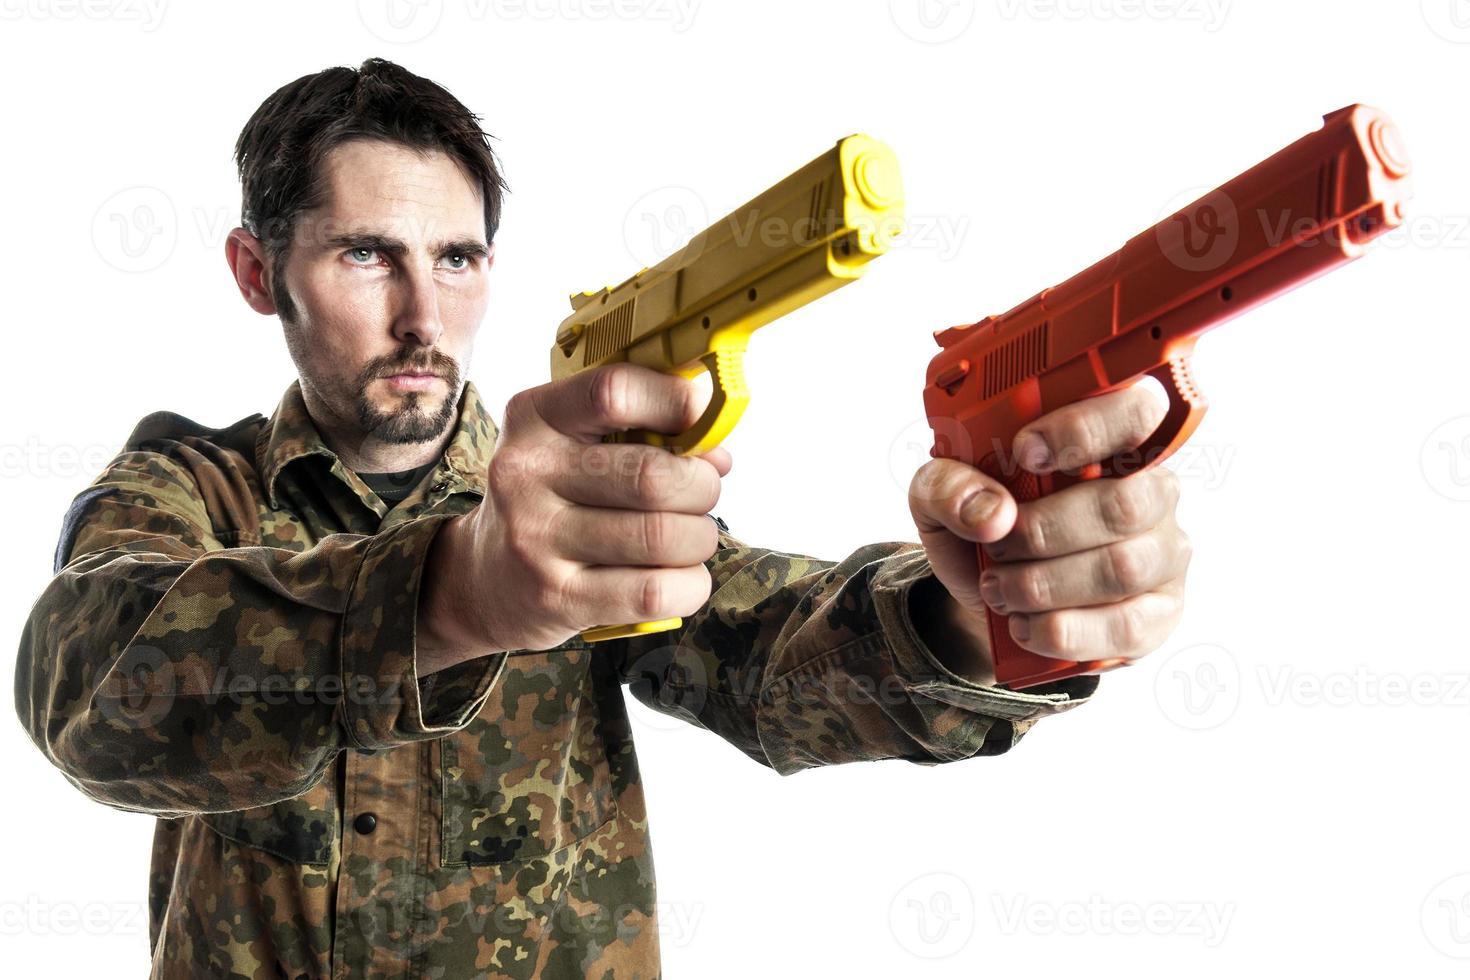 istruttore di autodifesa con pistola da allenamento foto